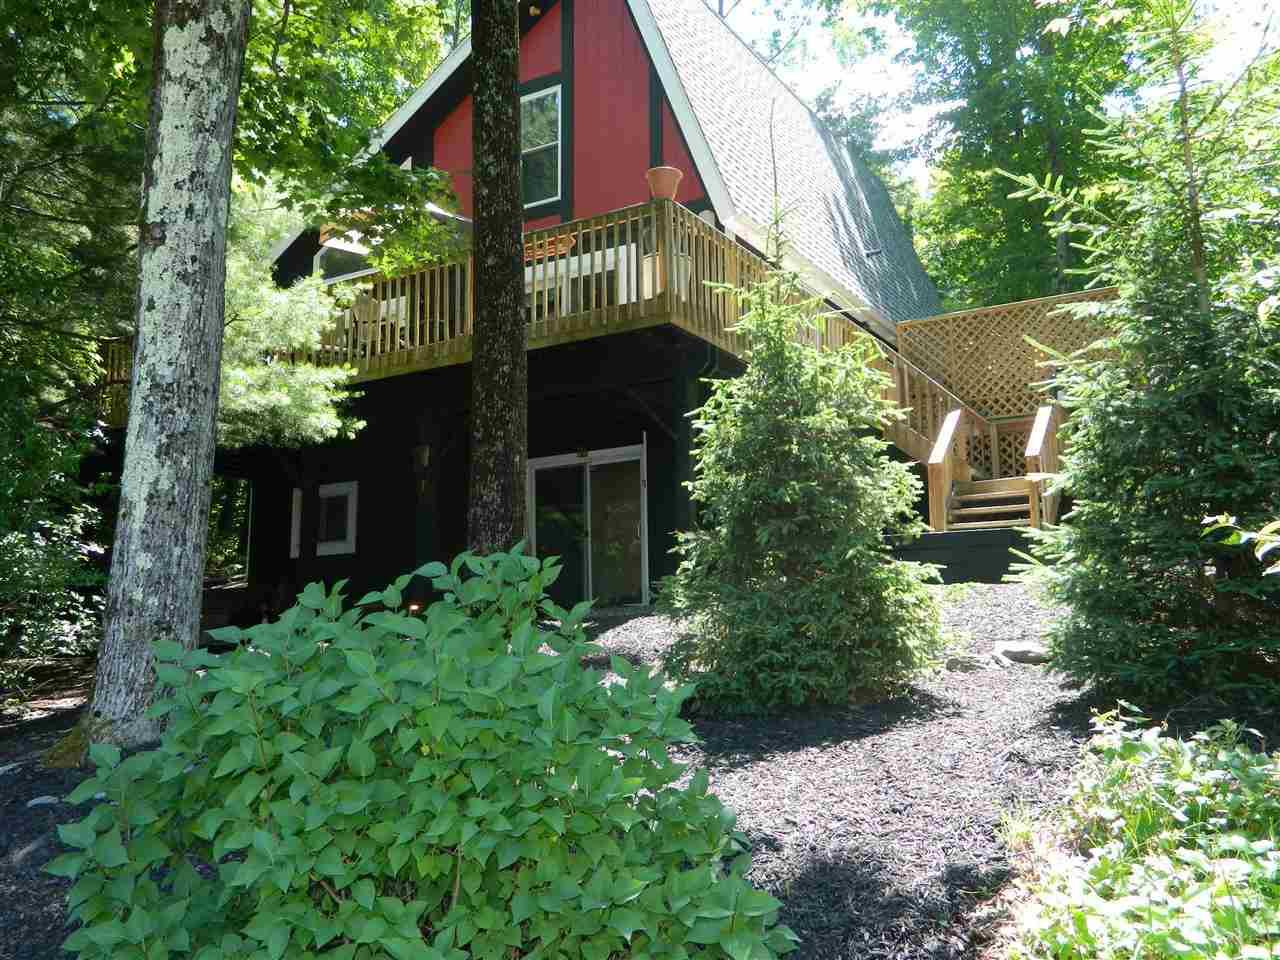 Real Estate for Sale, ListingId: 31868190, Woodridge,NY12789